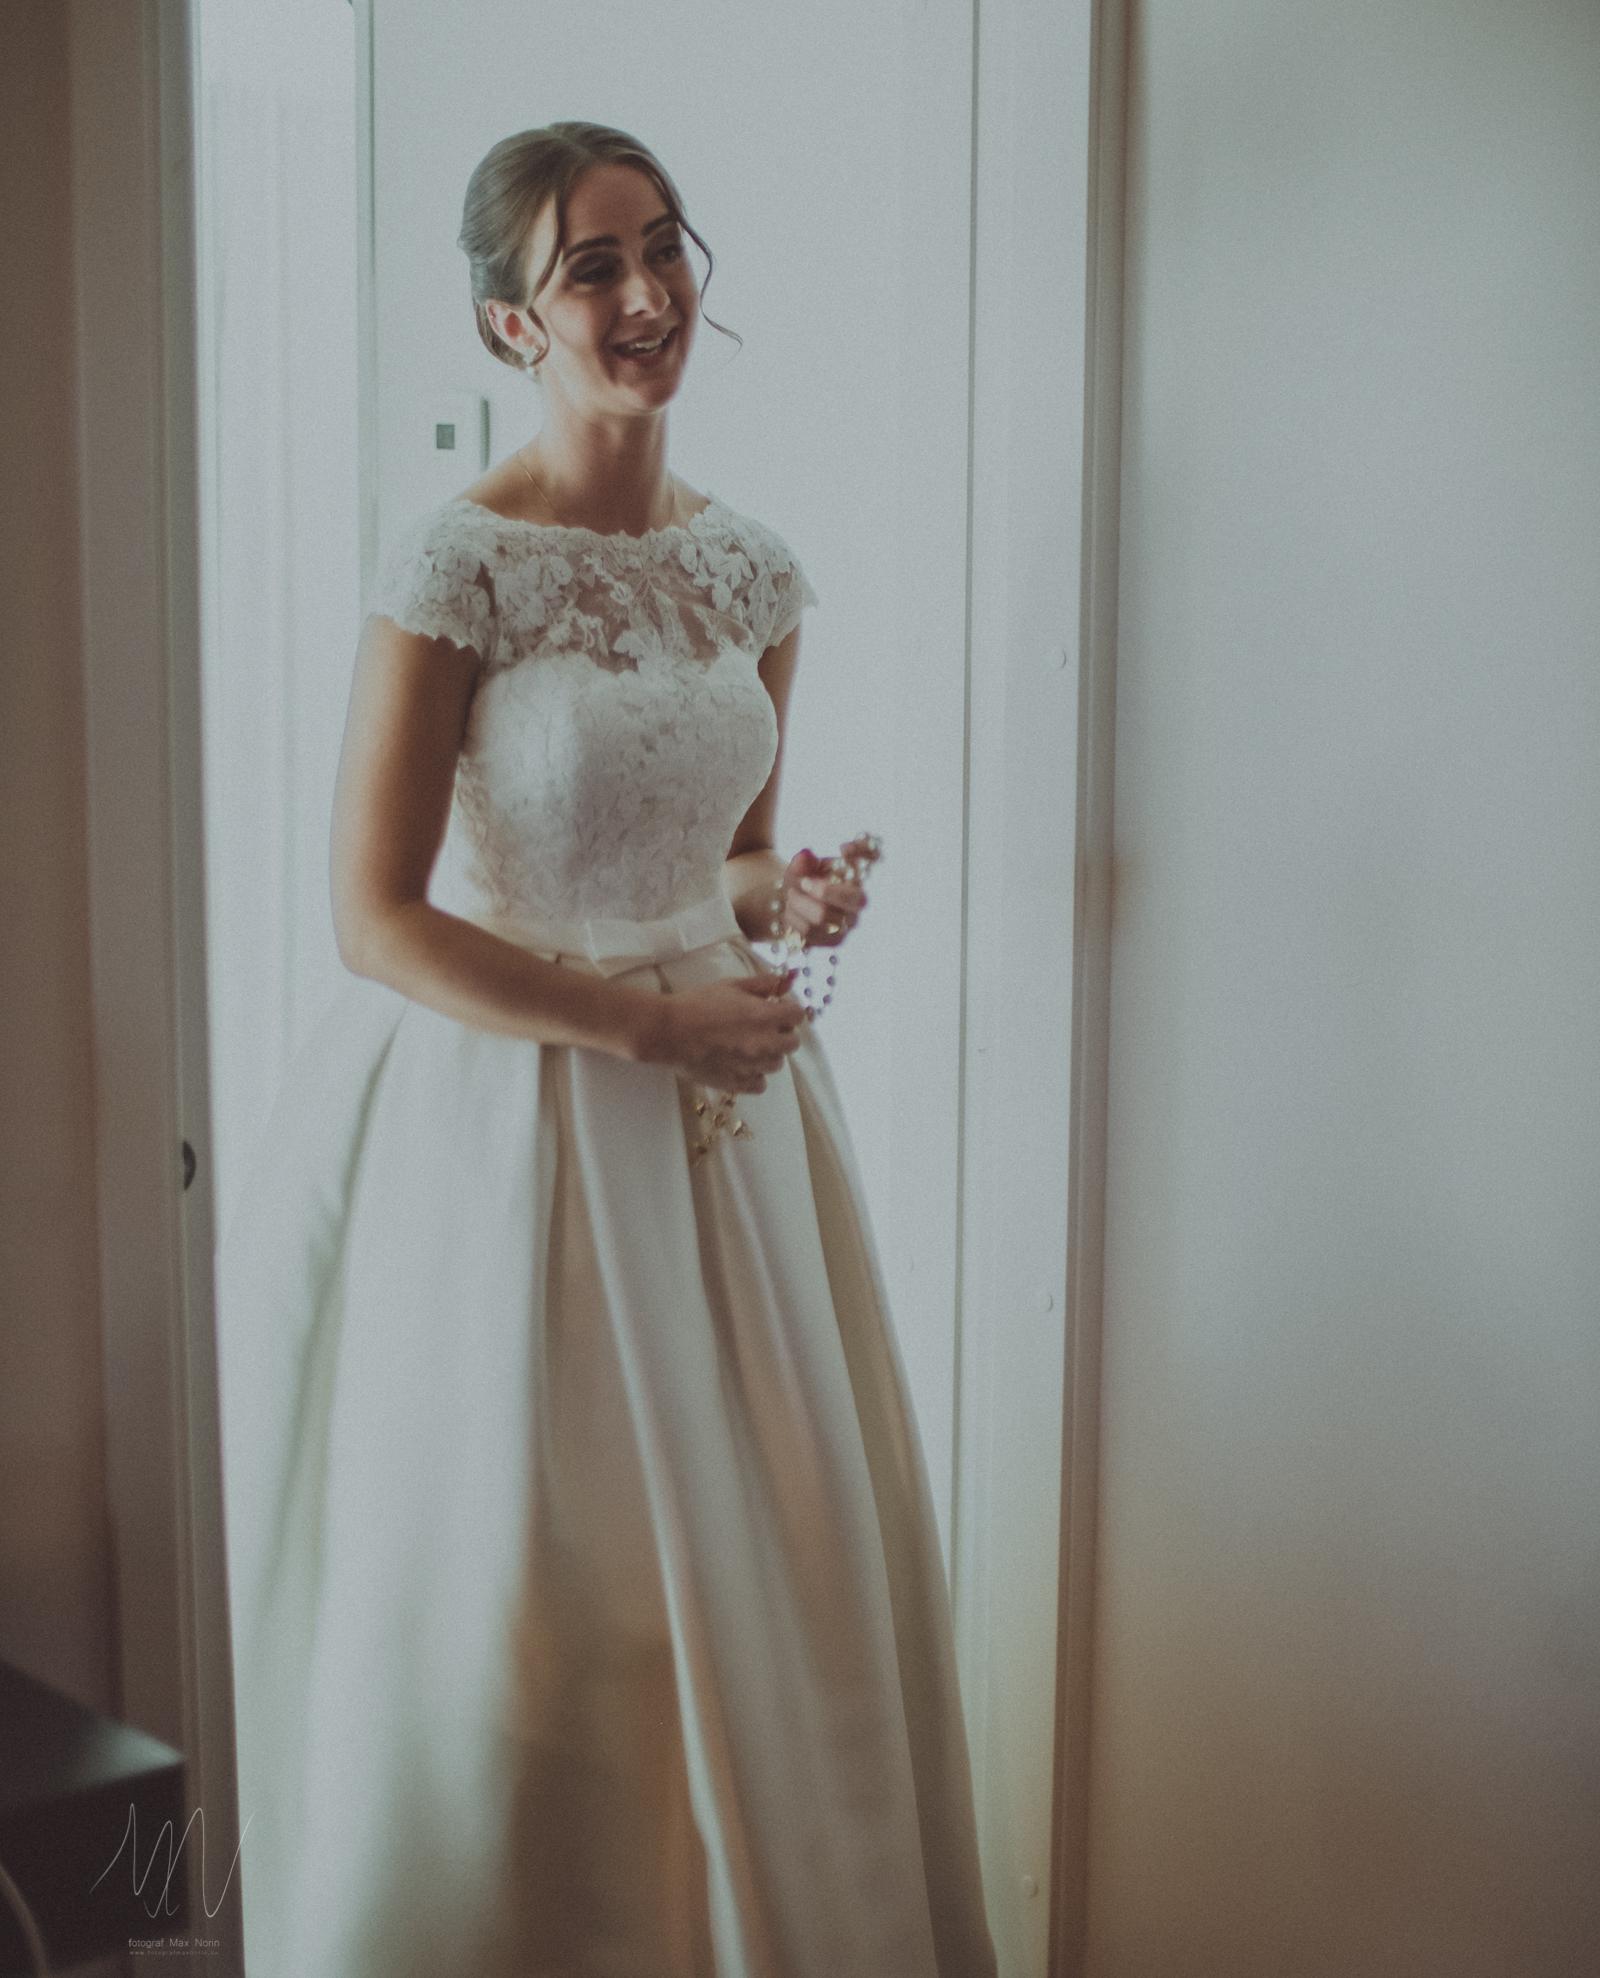 bröllopsfoto-fotograf-max-norin-89.jpg